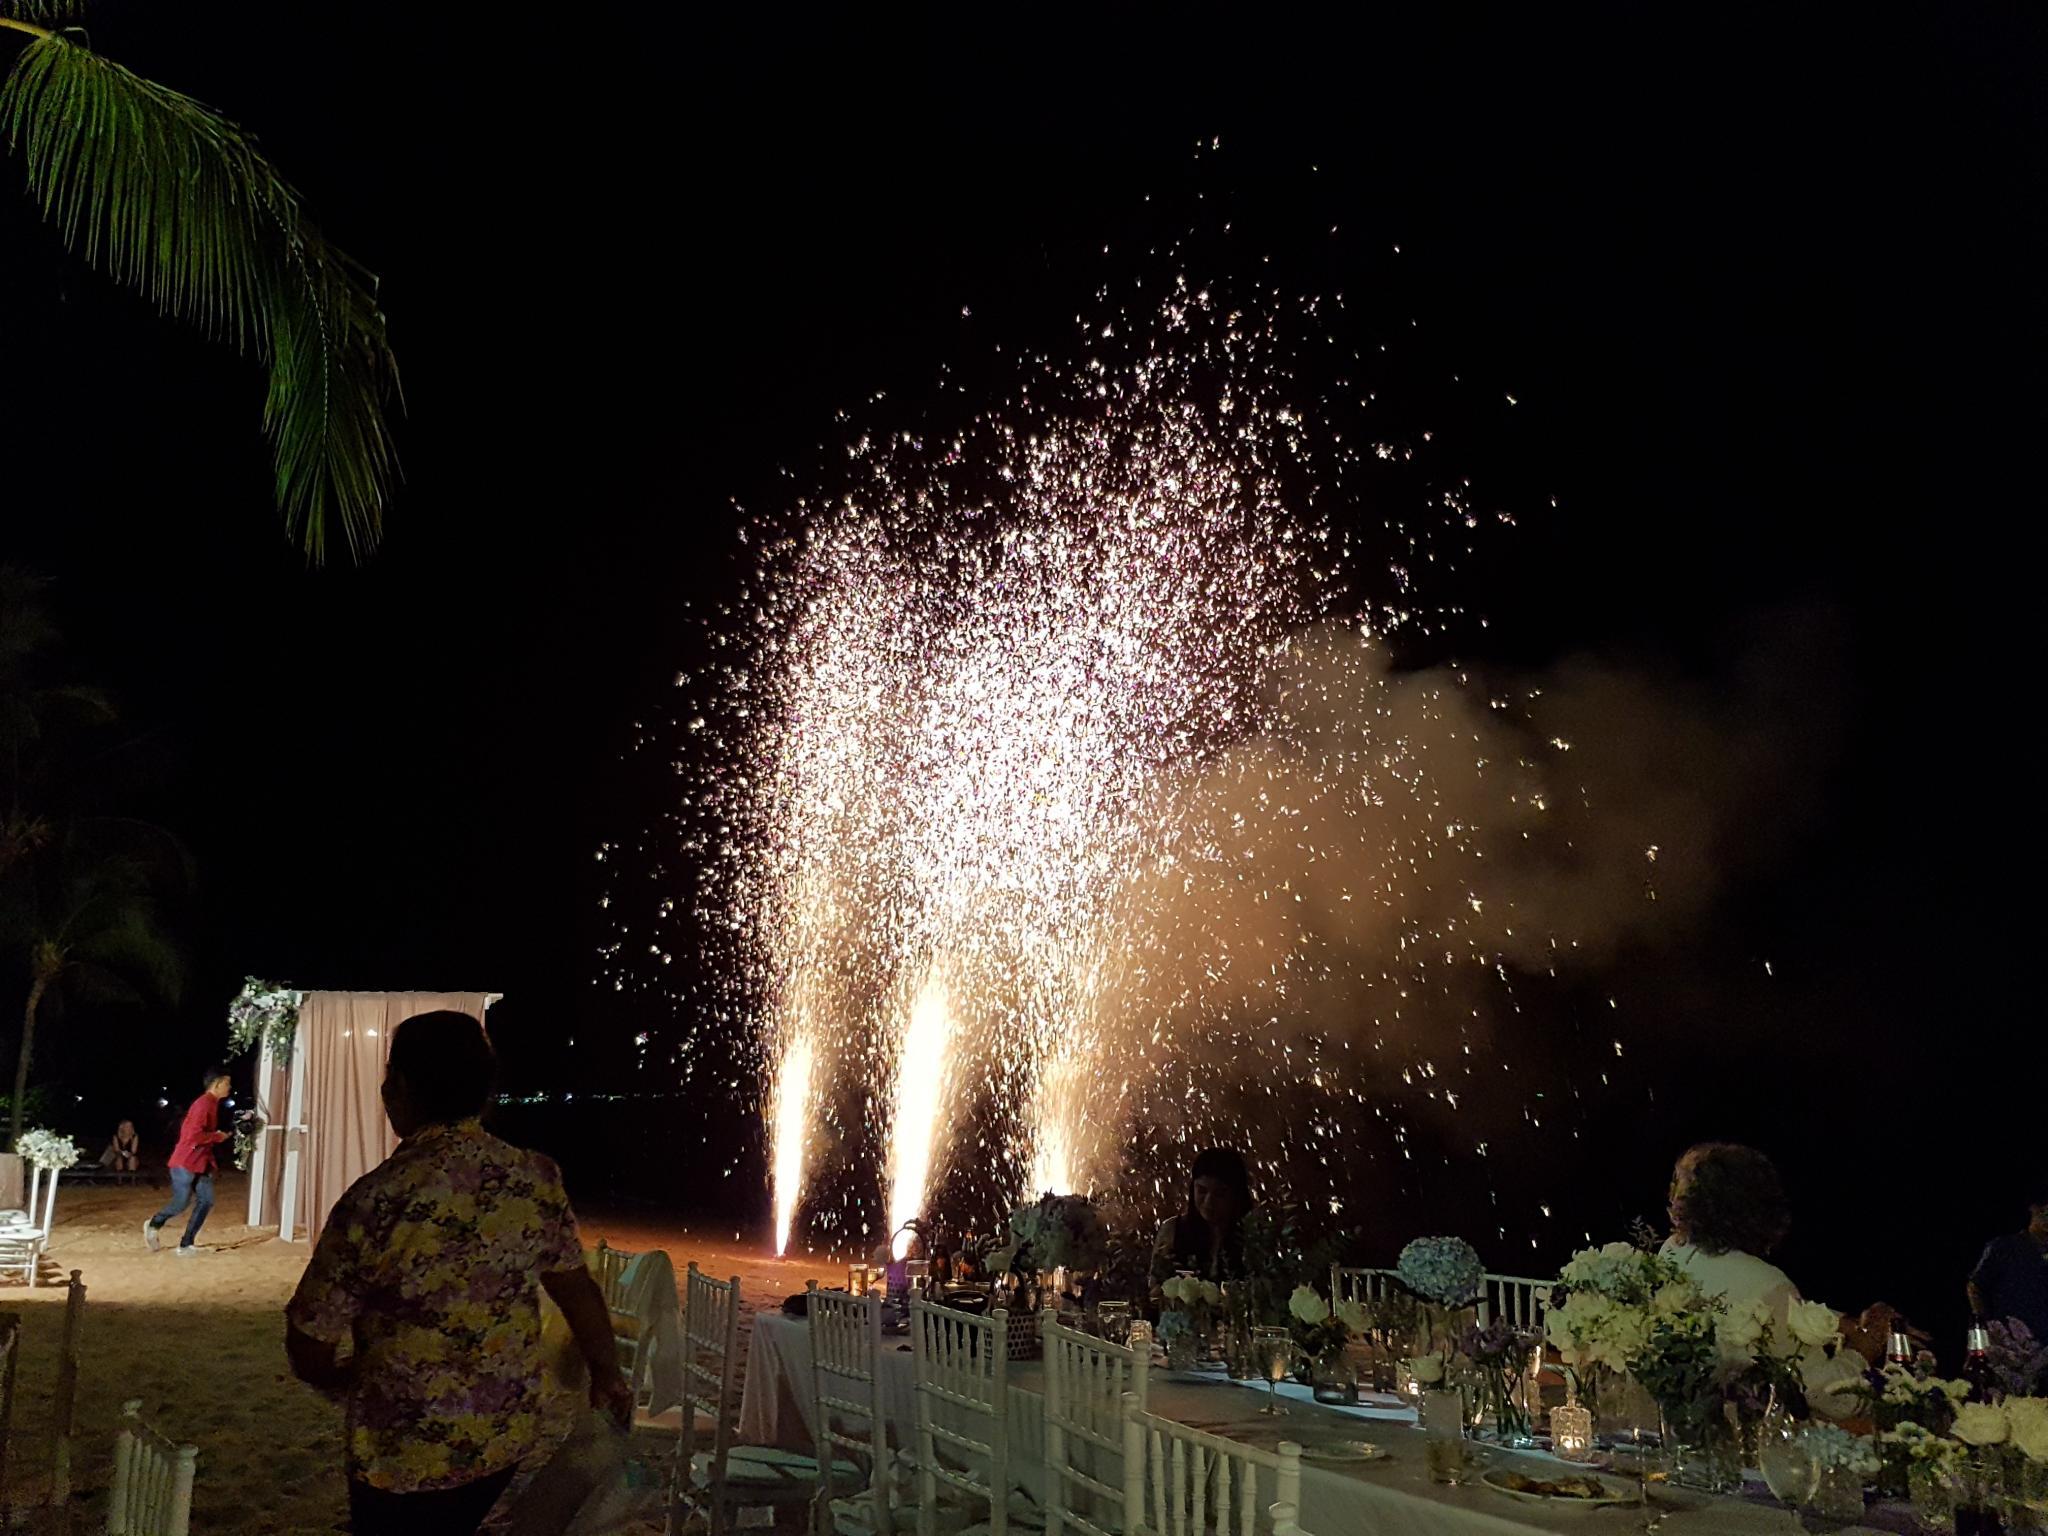 Bang Saray beach wedding & villa.-20191228_203105-jpg